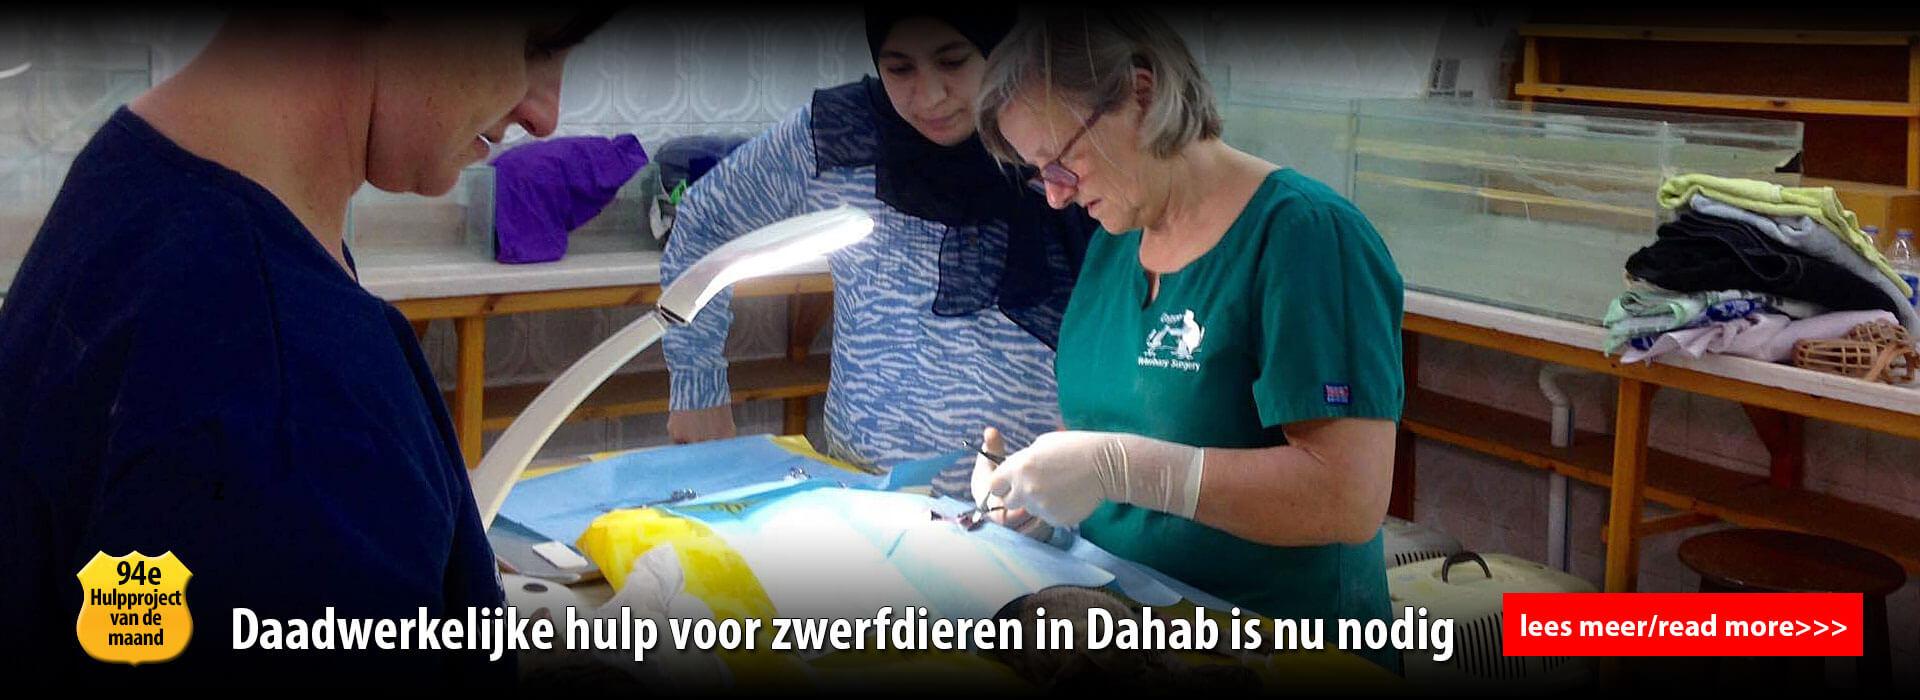 diashiow dia 2 - operatie